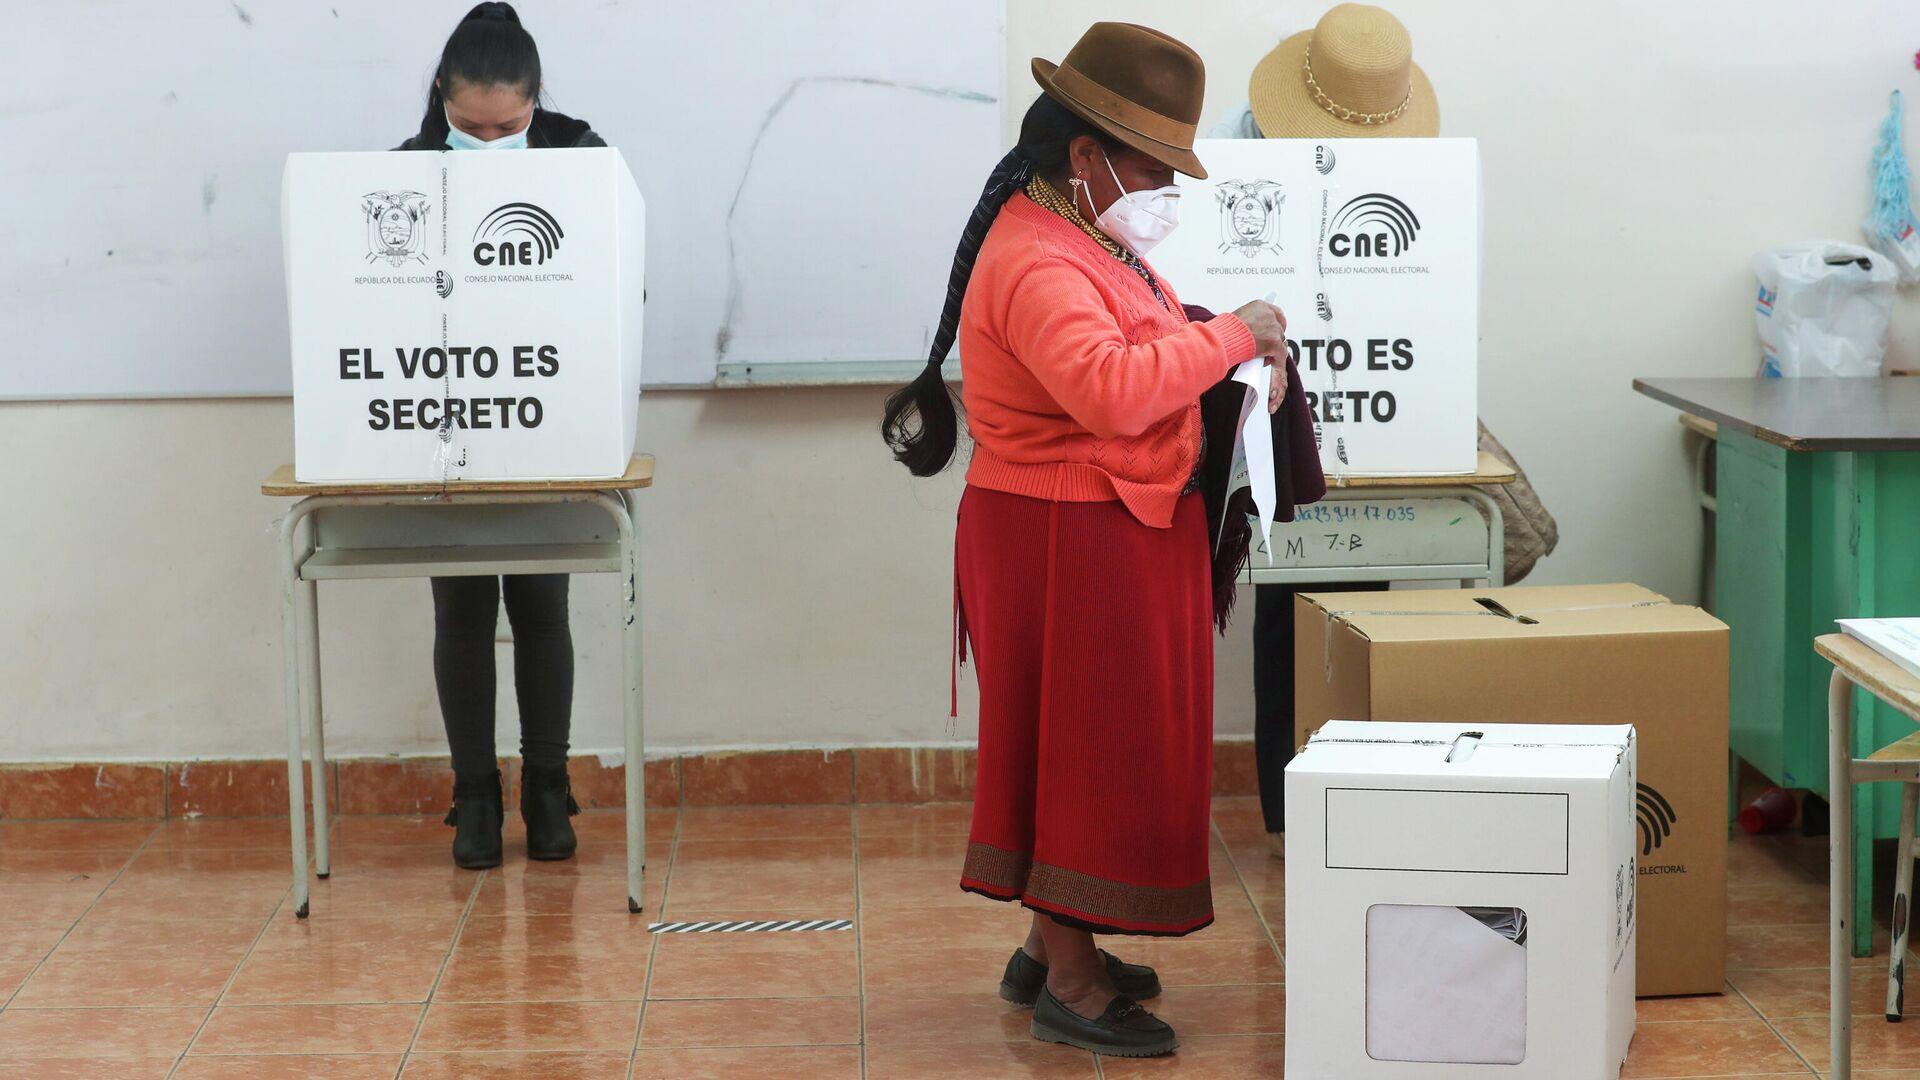 Elecciones en Ecuador - Sputnik Mundo, 1920, 26.03.2021